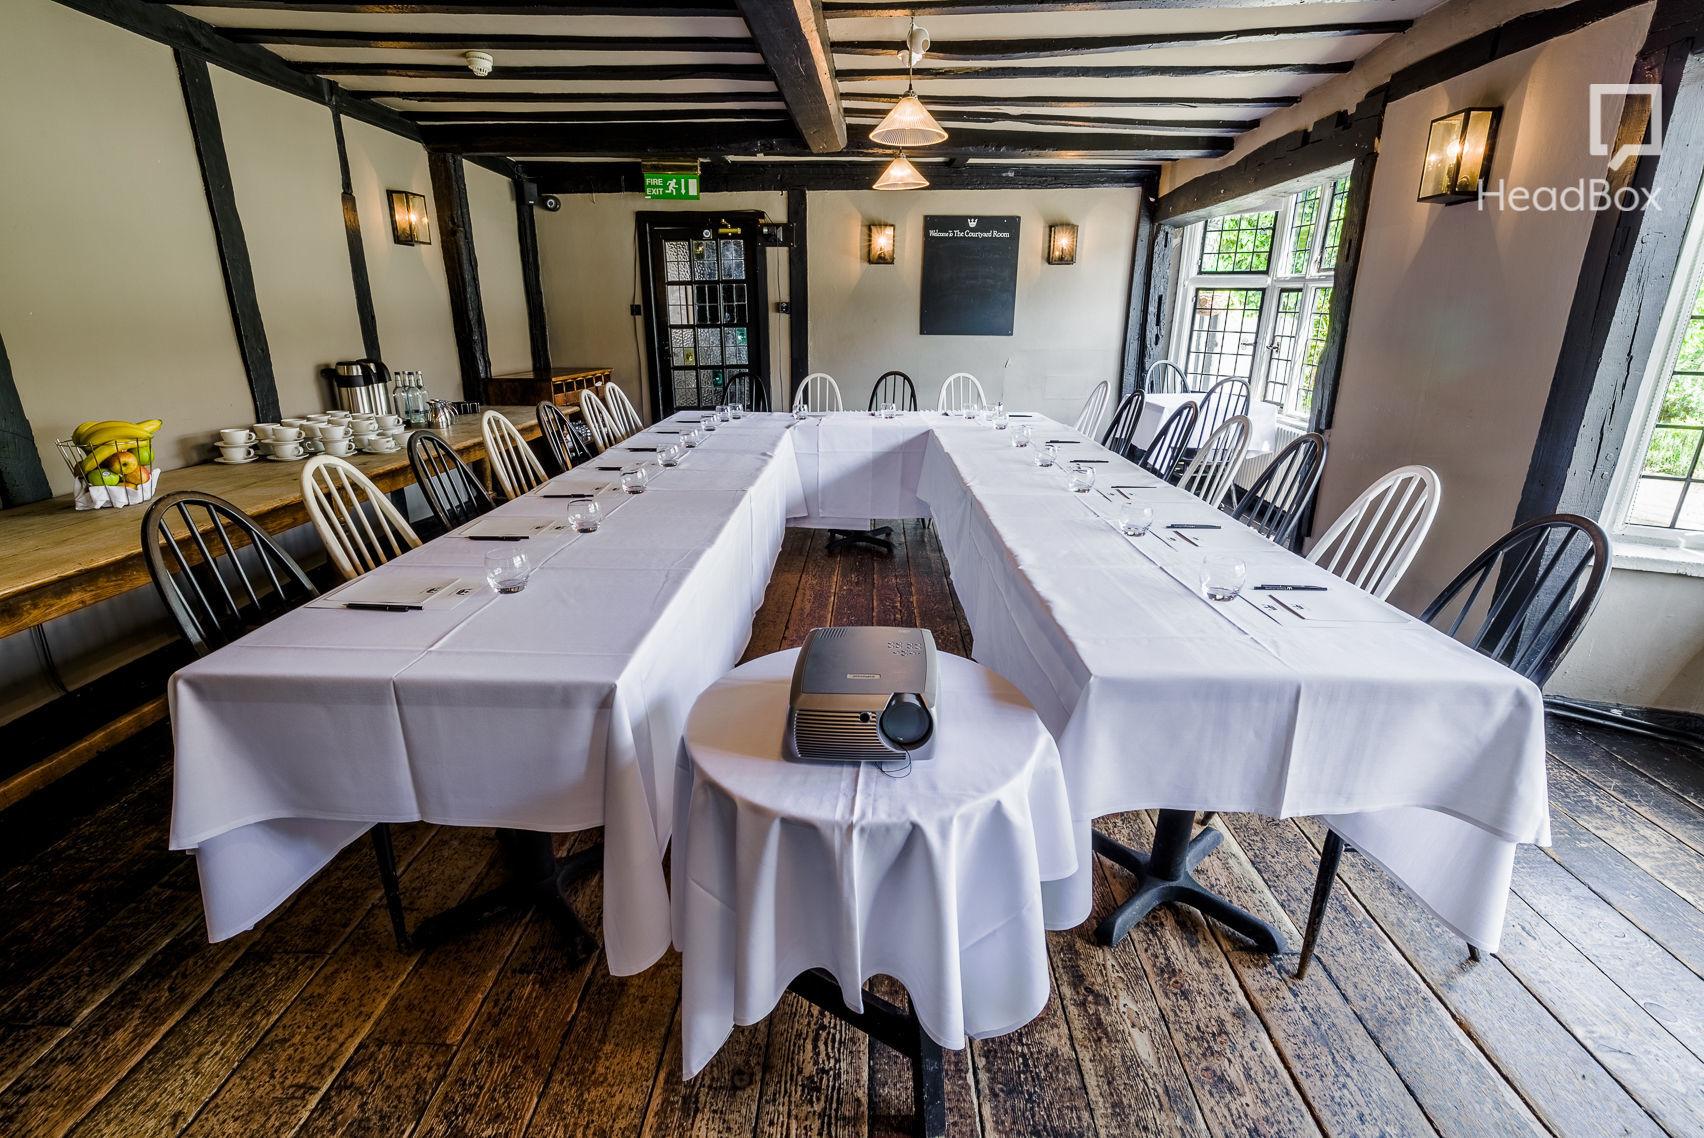 Courtyard Room, The Crown Inn